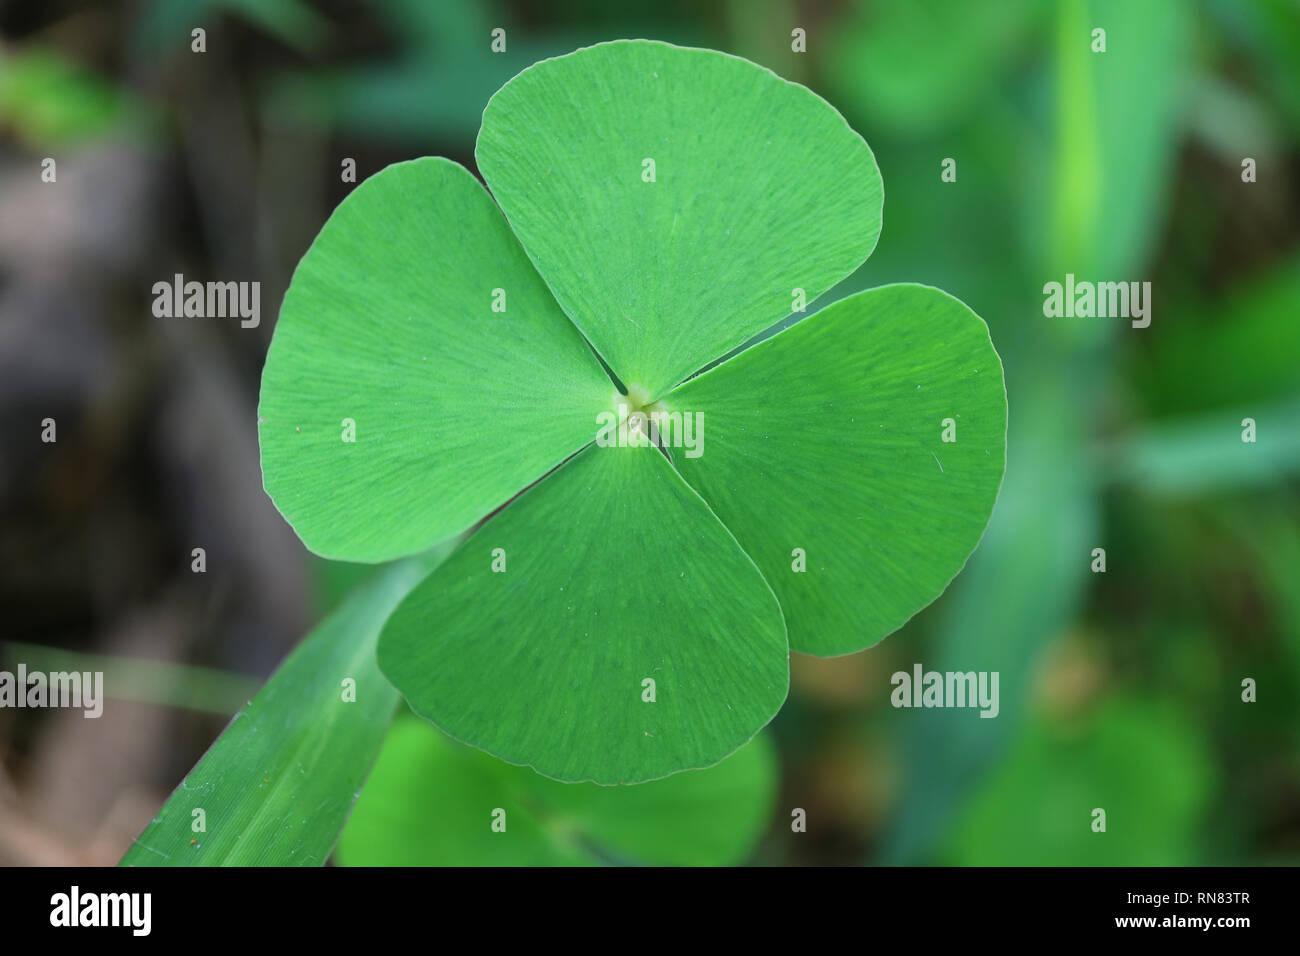 Schloss das Glück Symbol 4-blättrige Kleeblätter im grünen Feld Stockbild